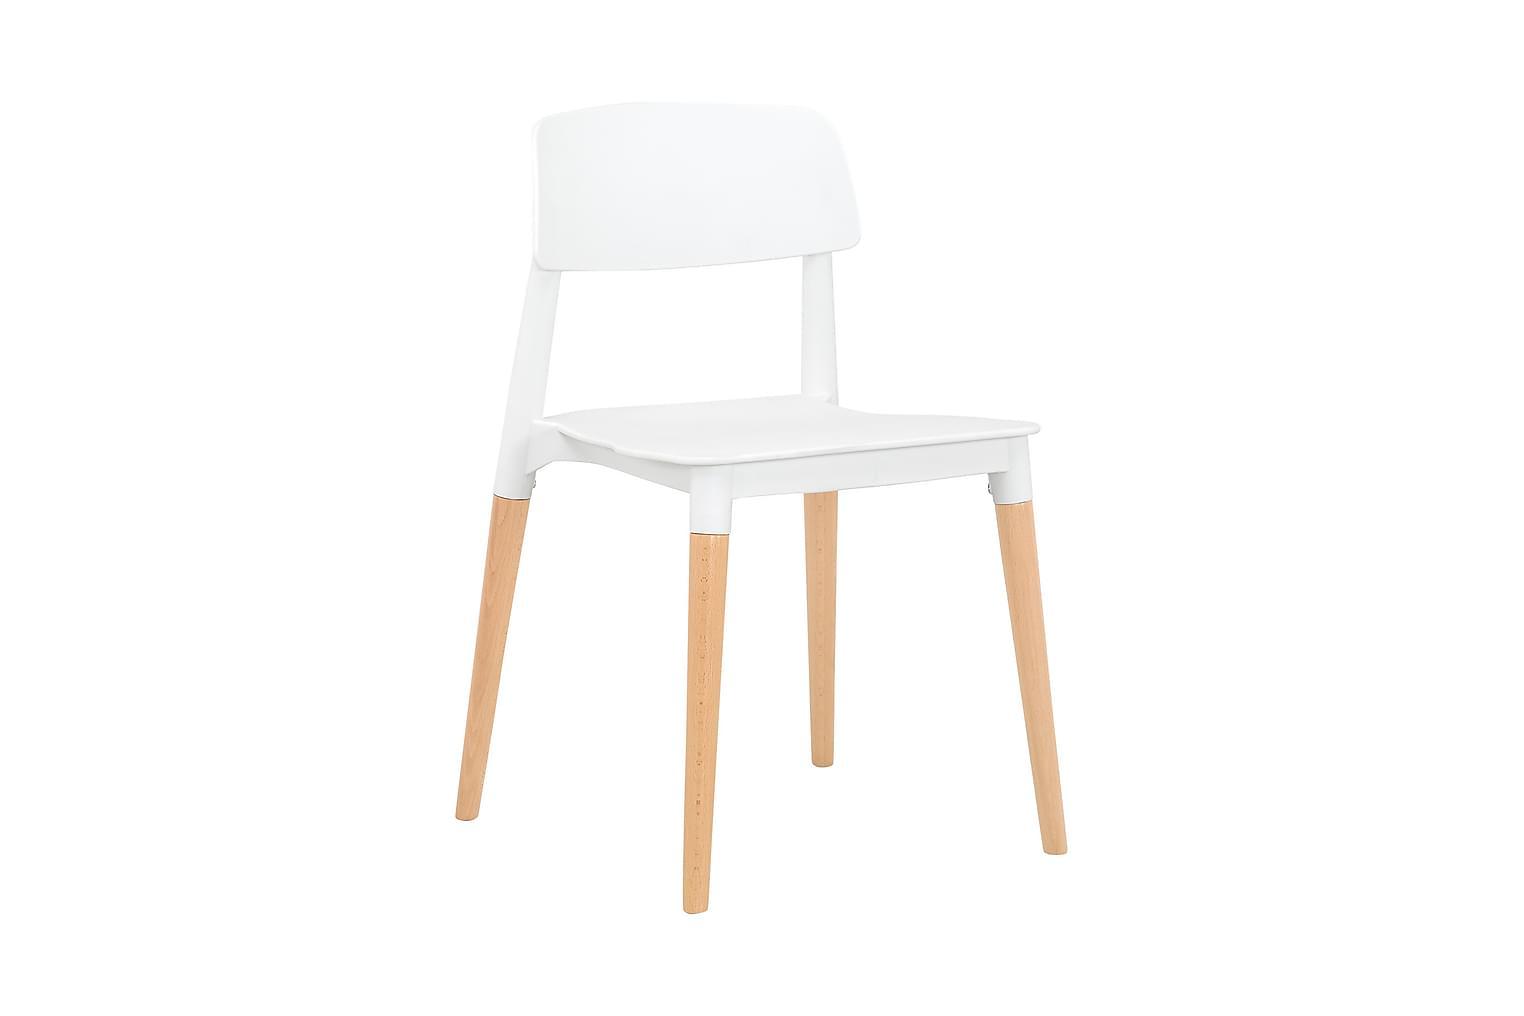 FIKA Tuoli Valkea/Puujalat